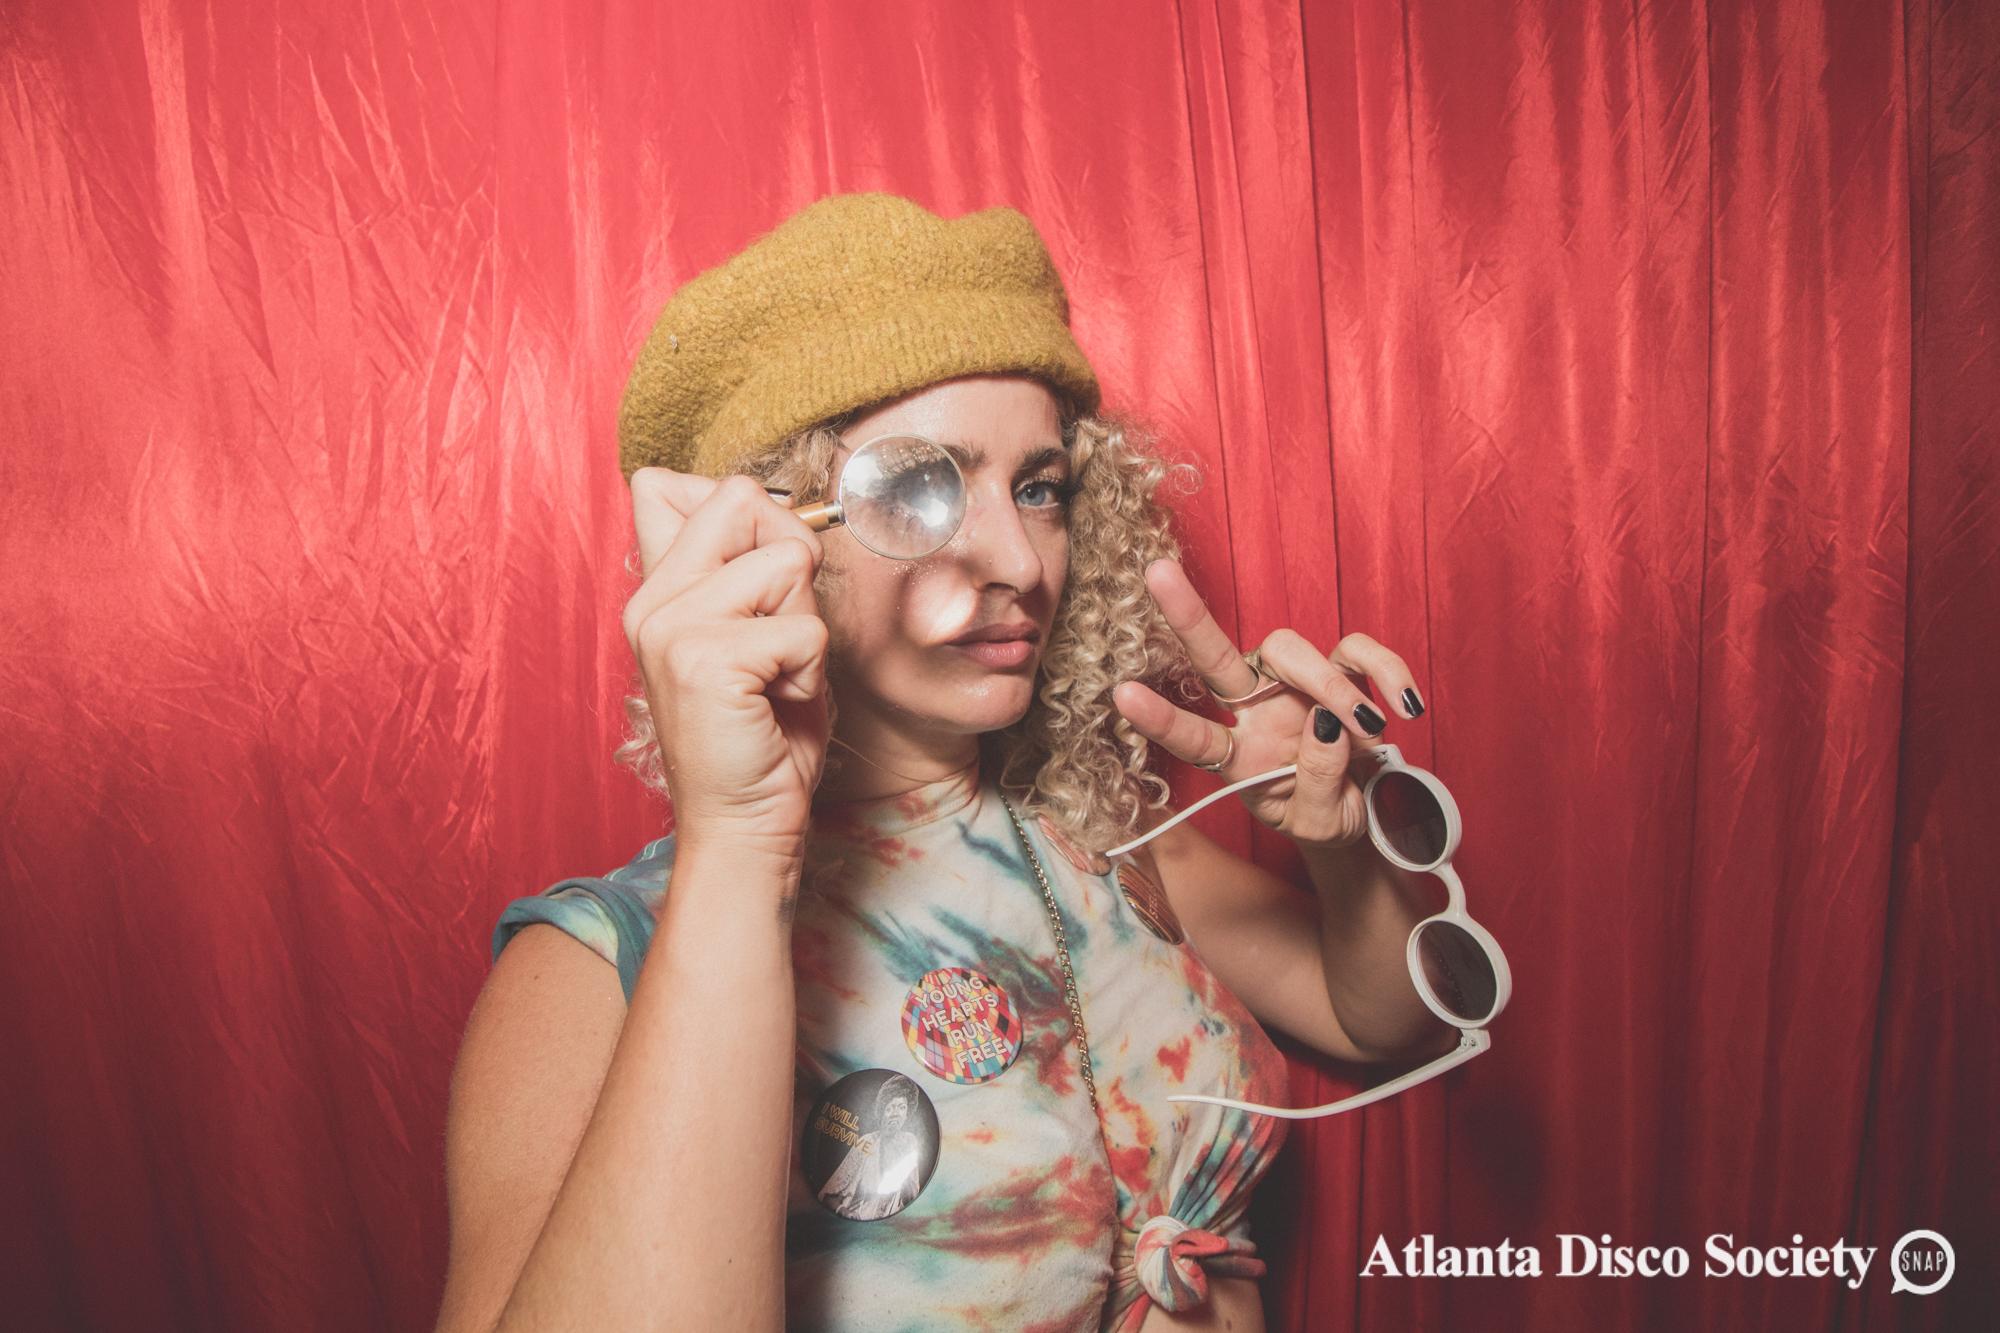 115Atlanta Disco Society Grace Kelly Oh Snap Kid 7.27.19.jpg